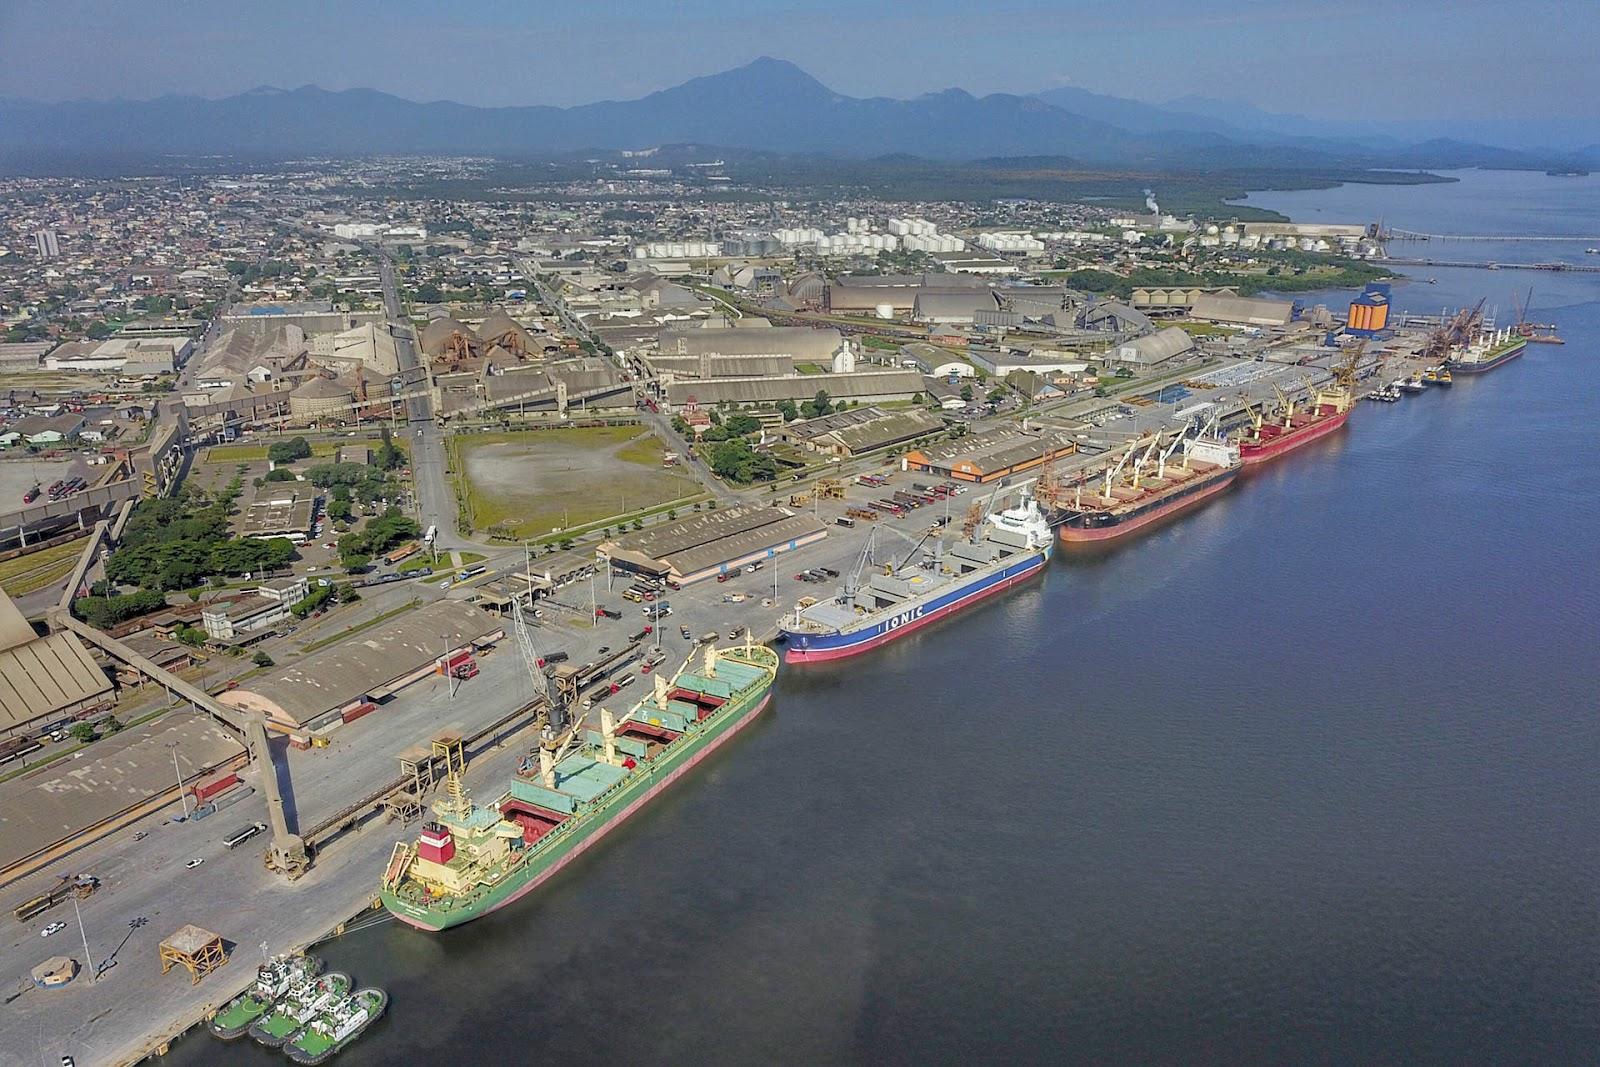 As exportações da soja em grão no Porto de Paranaguá subiram de 4,29 milhões de toneladas nos cinco primeiros meses de 2019 para 7,28 milhões toneladas no período em 2020 (Fonte: Agência de Notícias do Paraná)